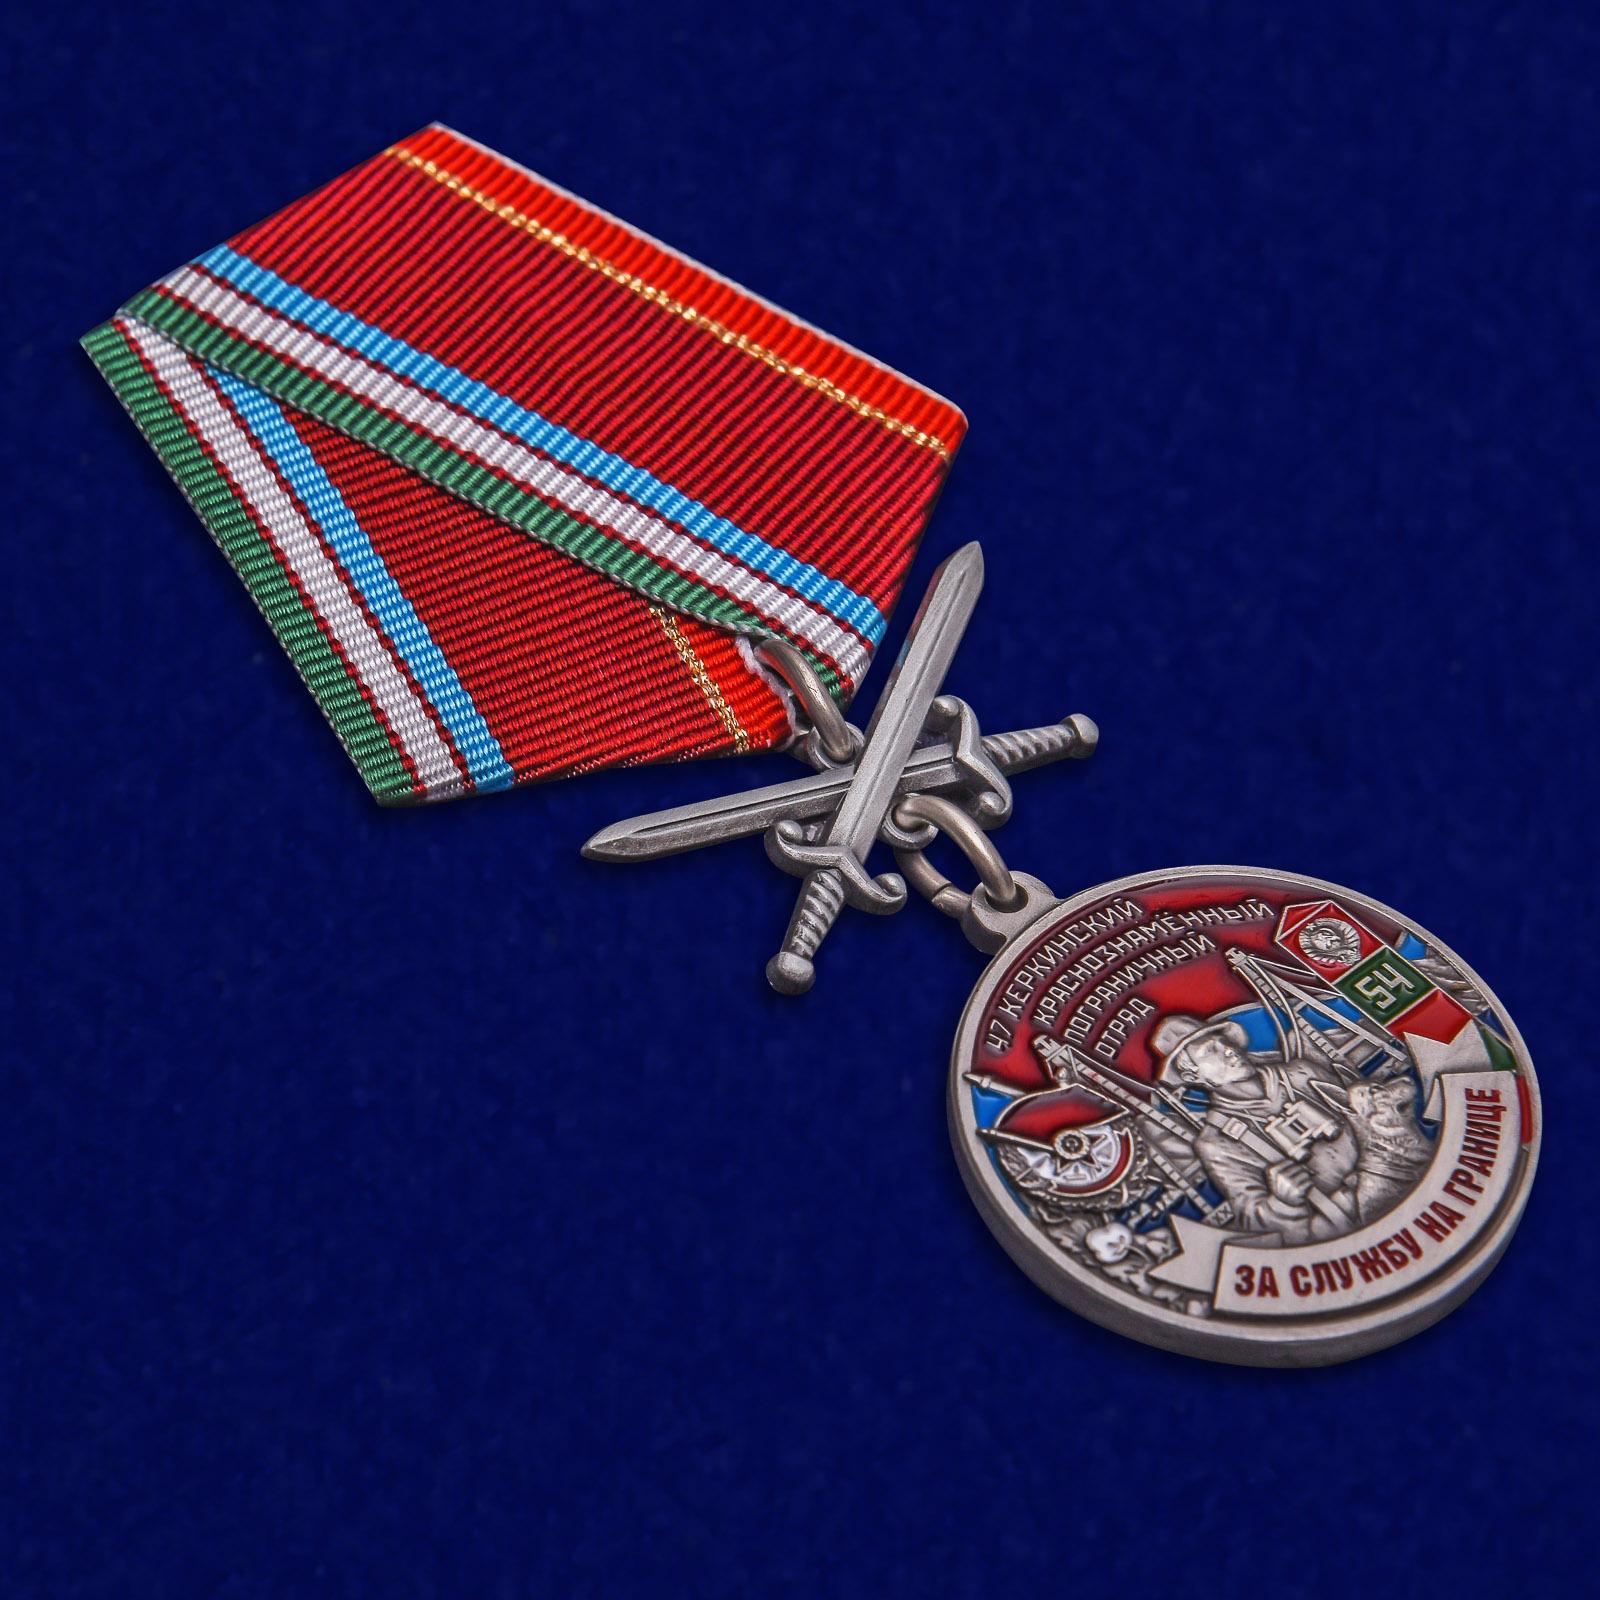 Нагрудная медаль За службу в Керкинском пограничном отряде - общий вид